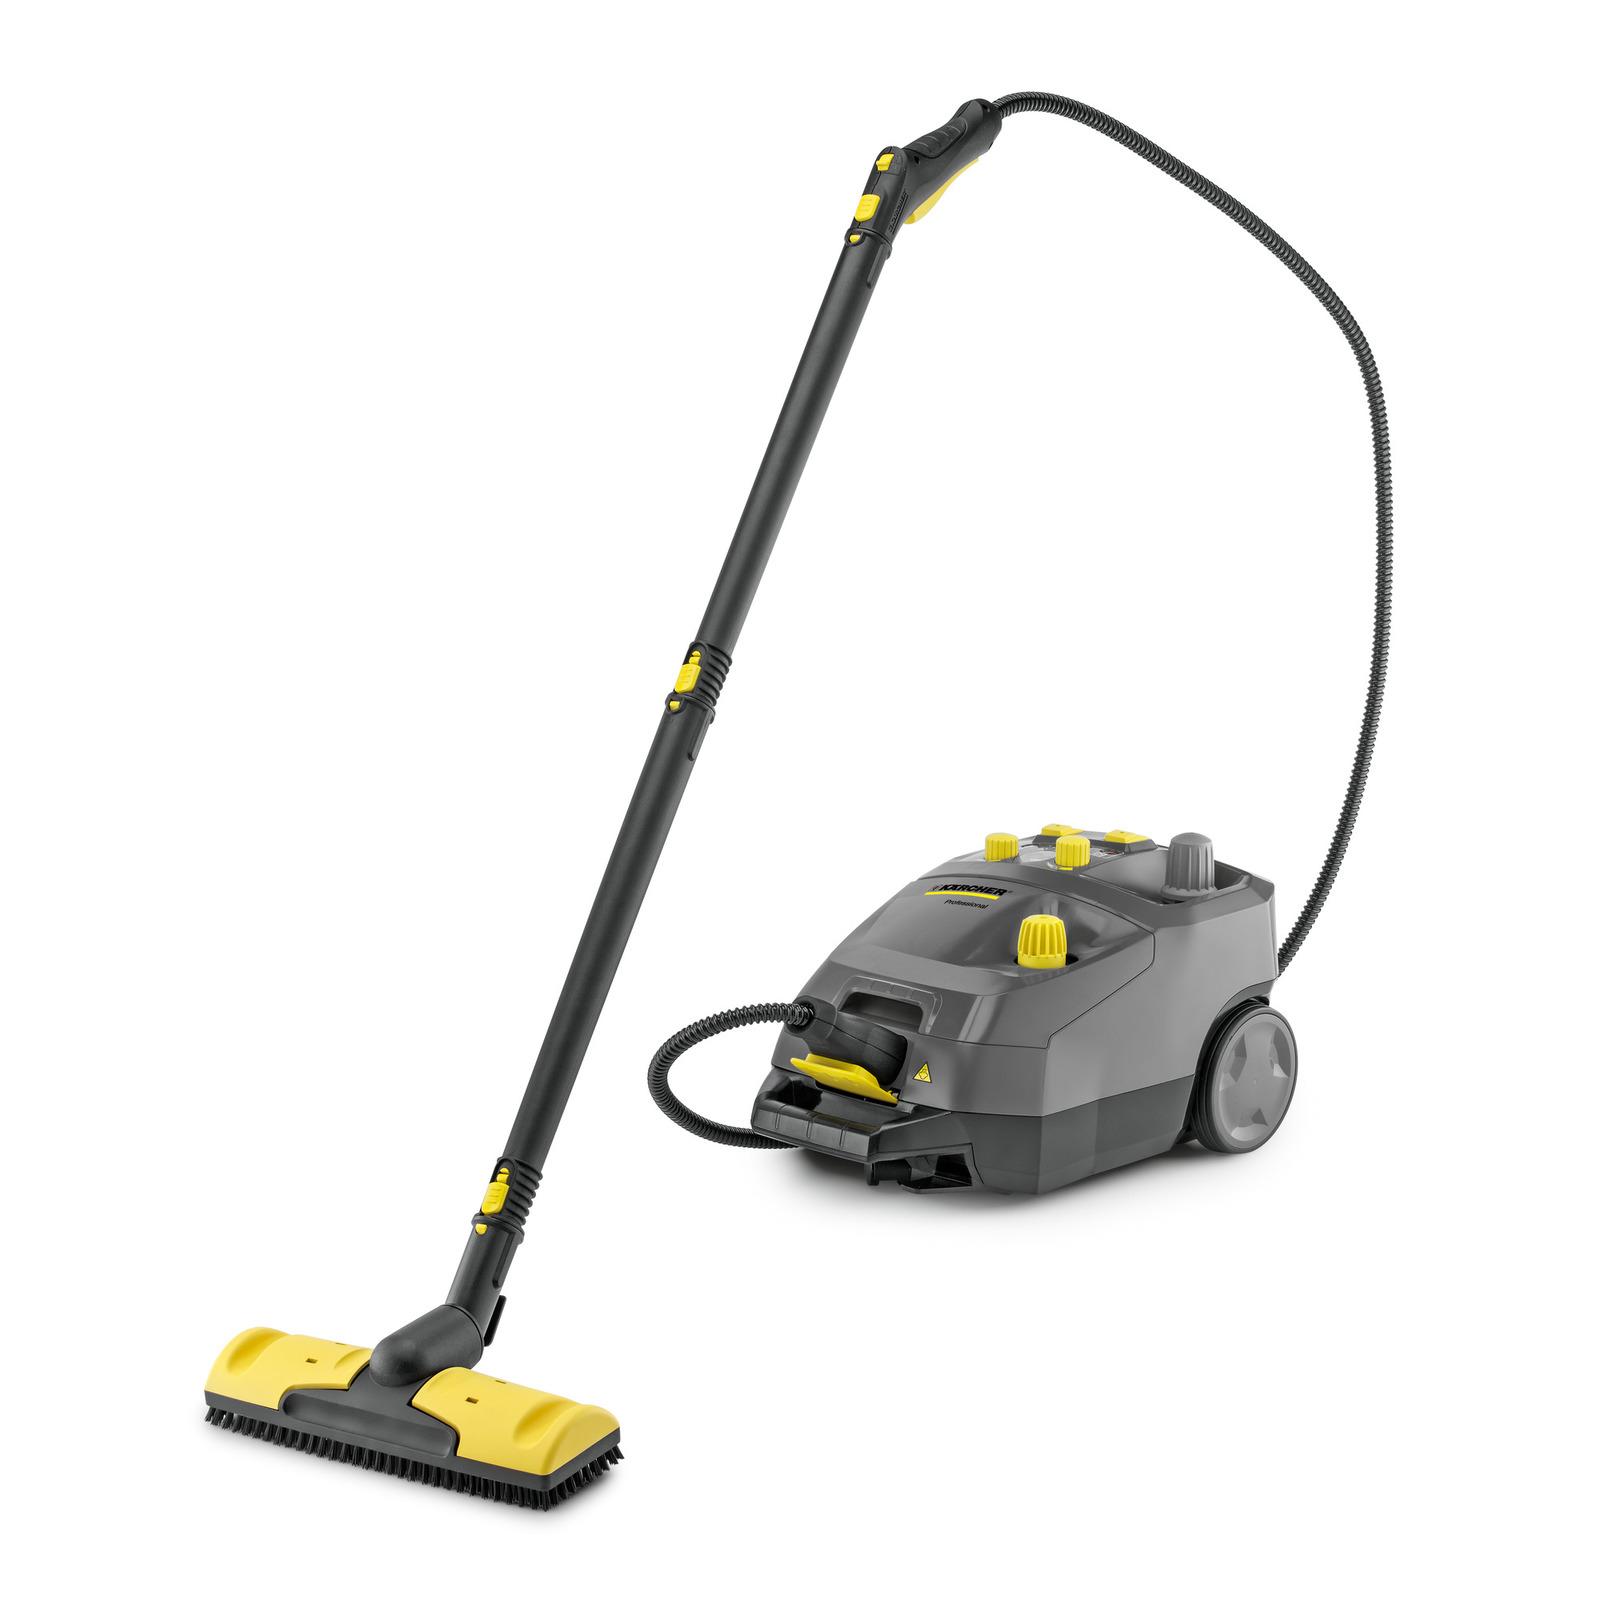 KARCHER 1.092-104.0 - SG 4/4 Steam Cleaner